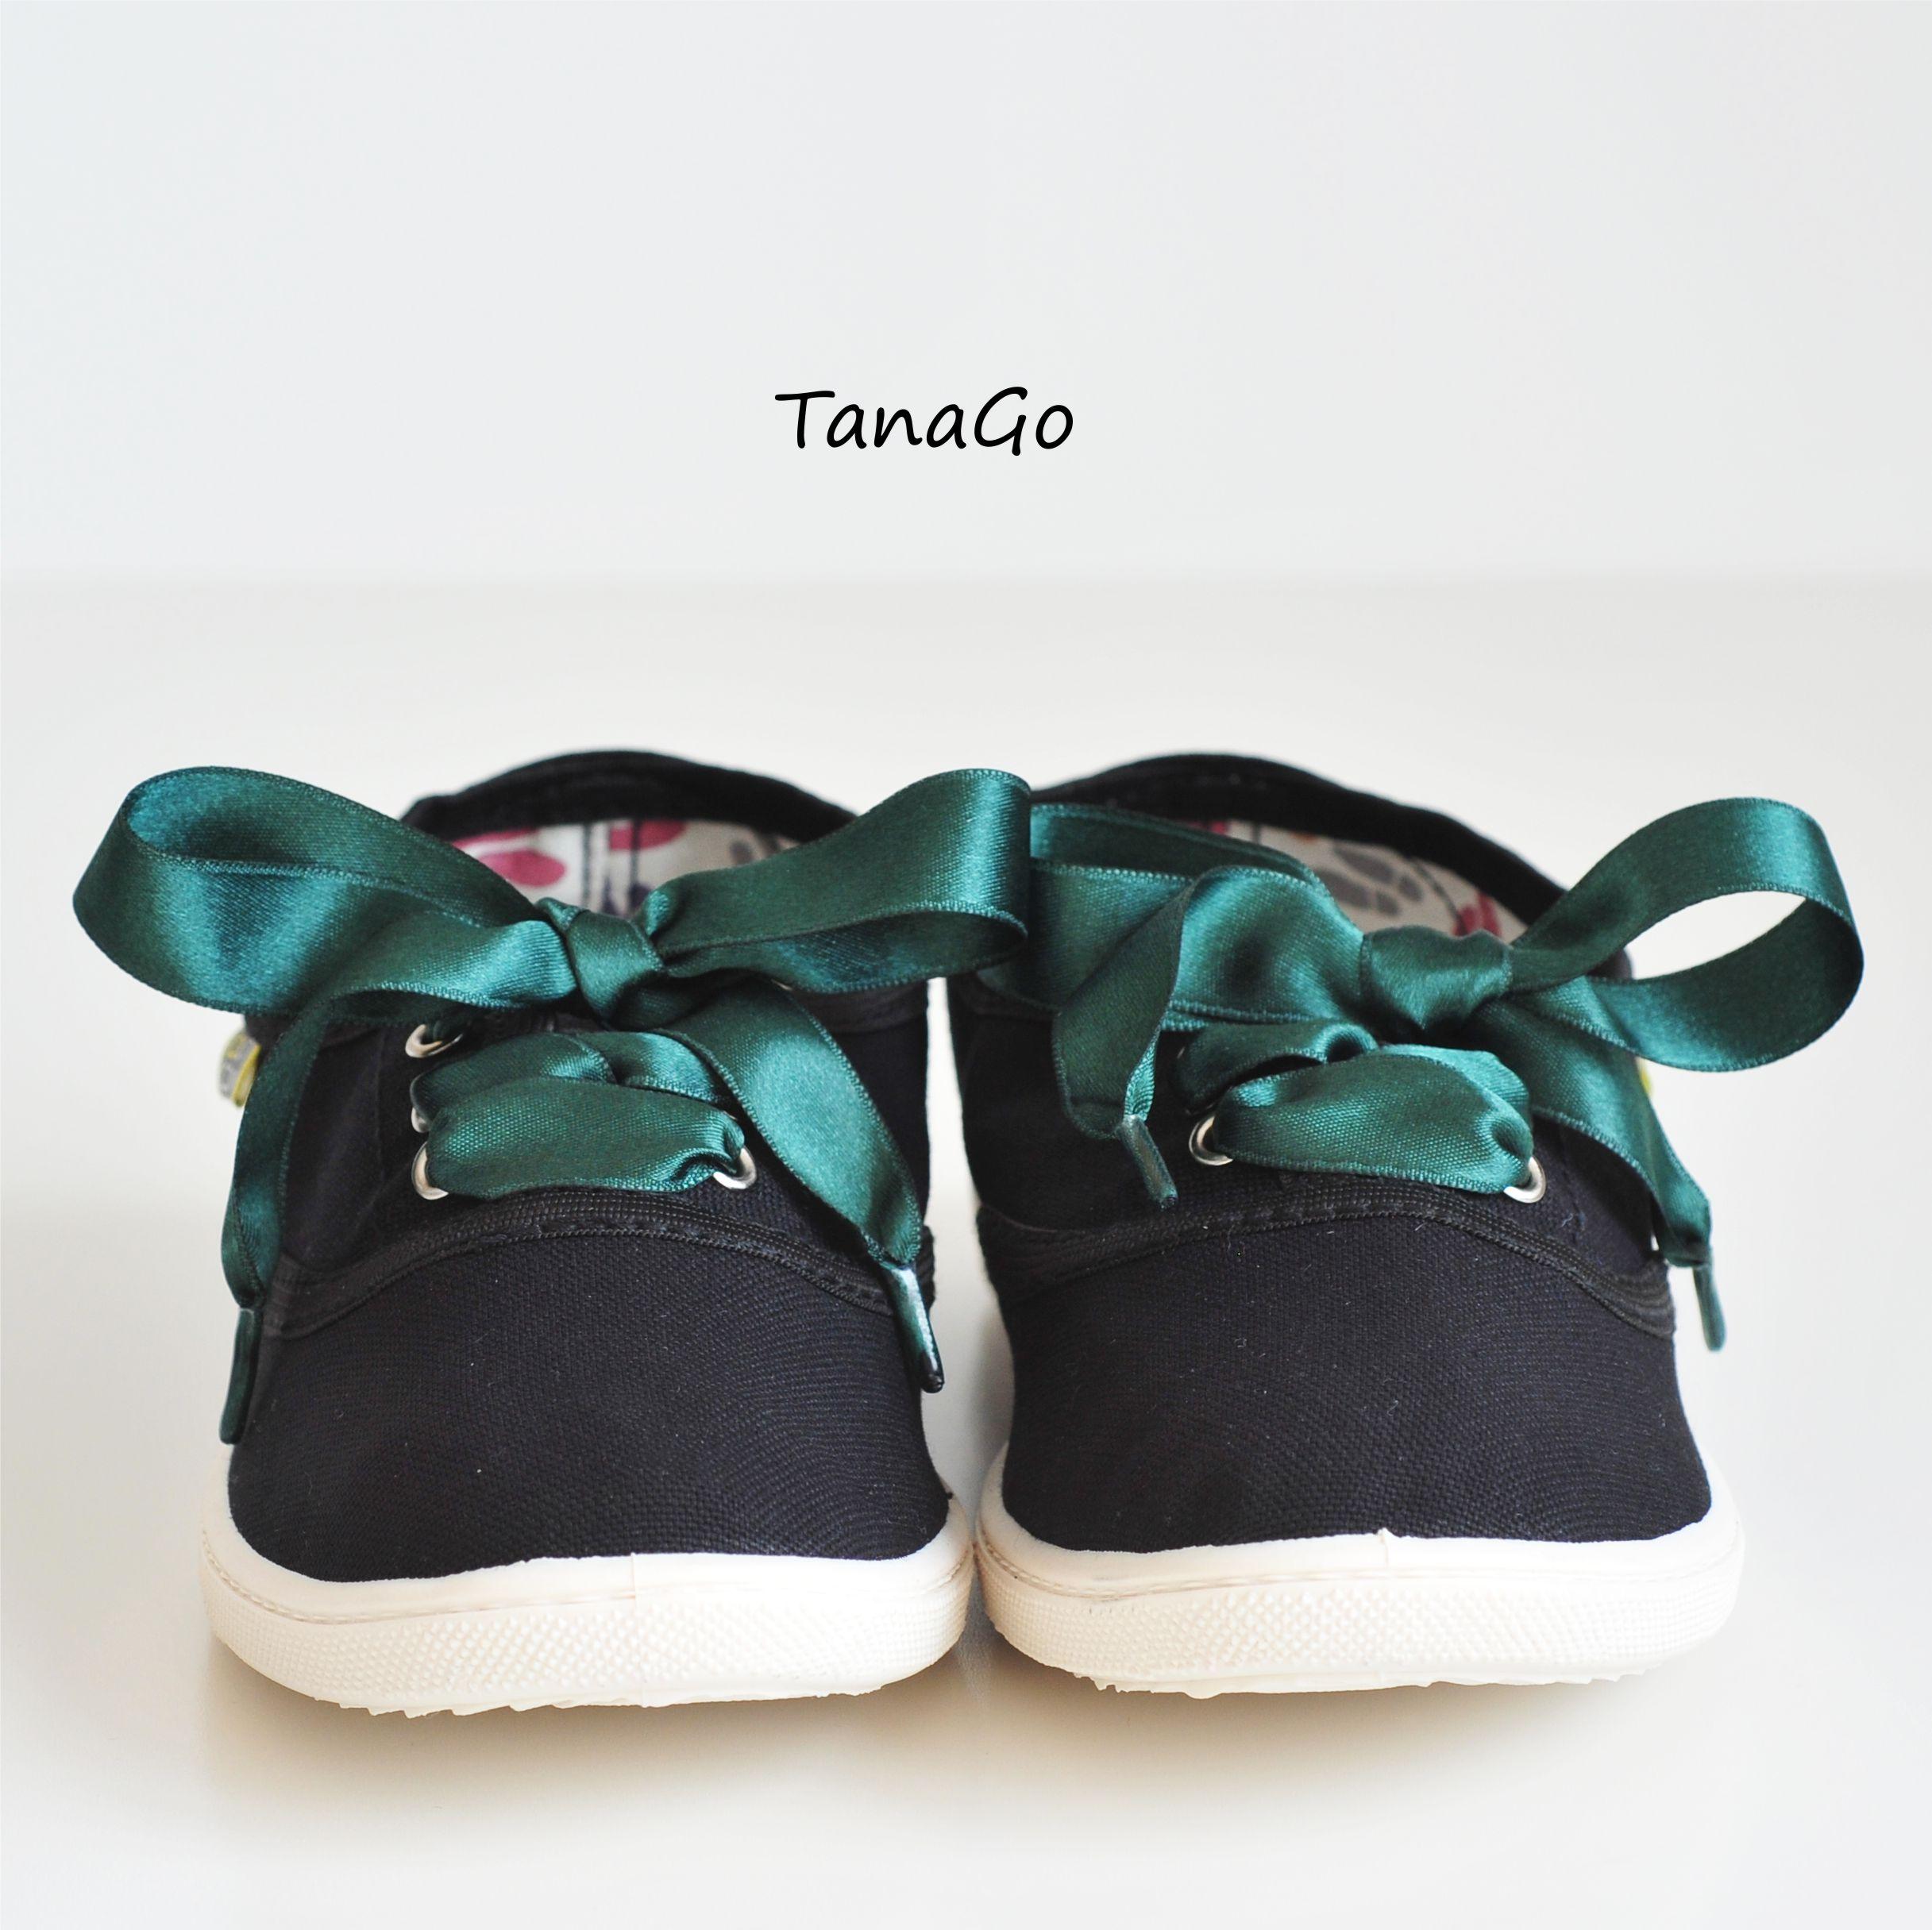 1b8ff6faf62 Černé tenisky se saténovou tkaničkou - vyber si barvu | TanaGo ...